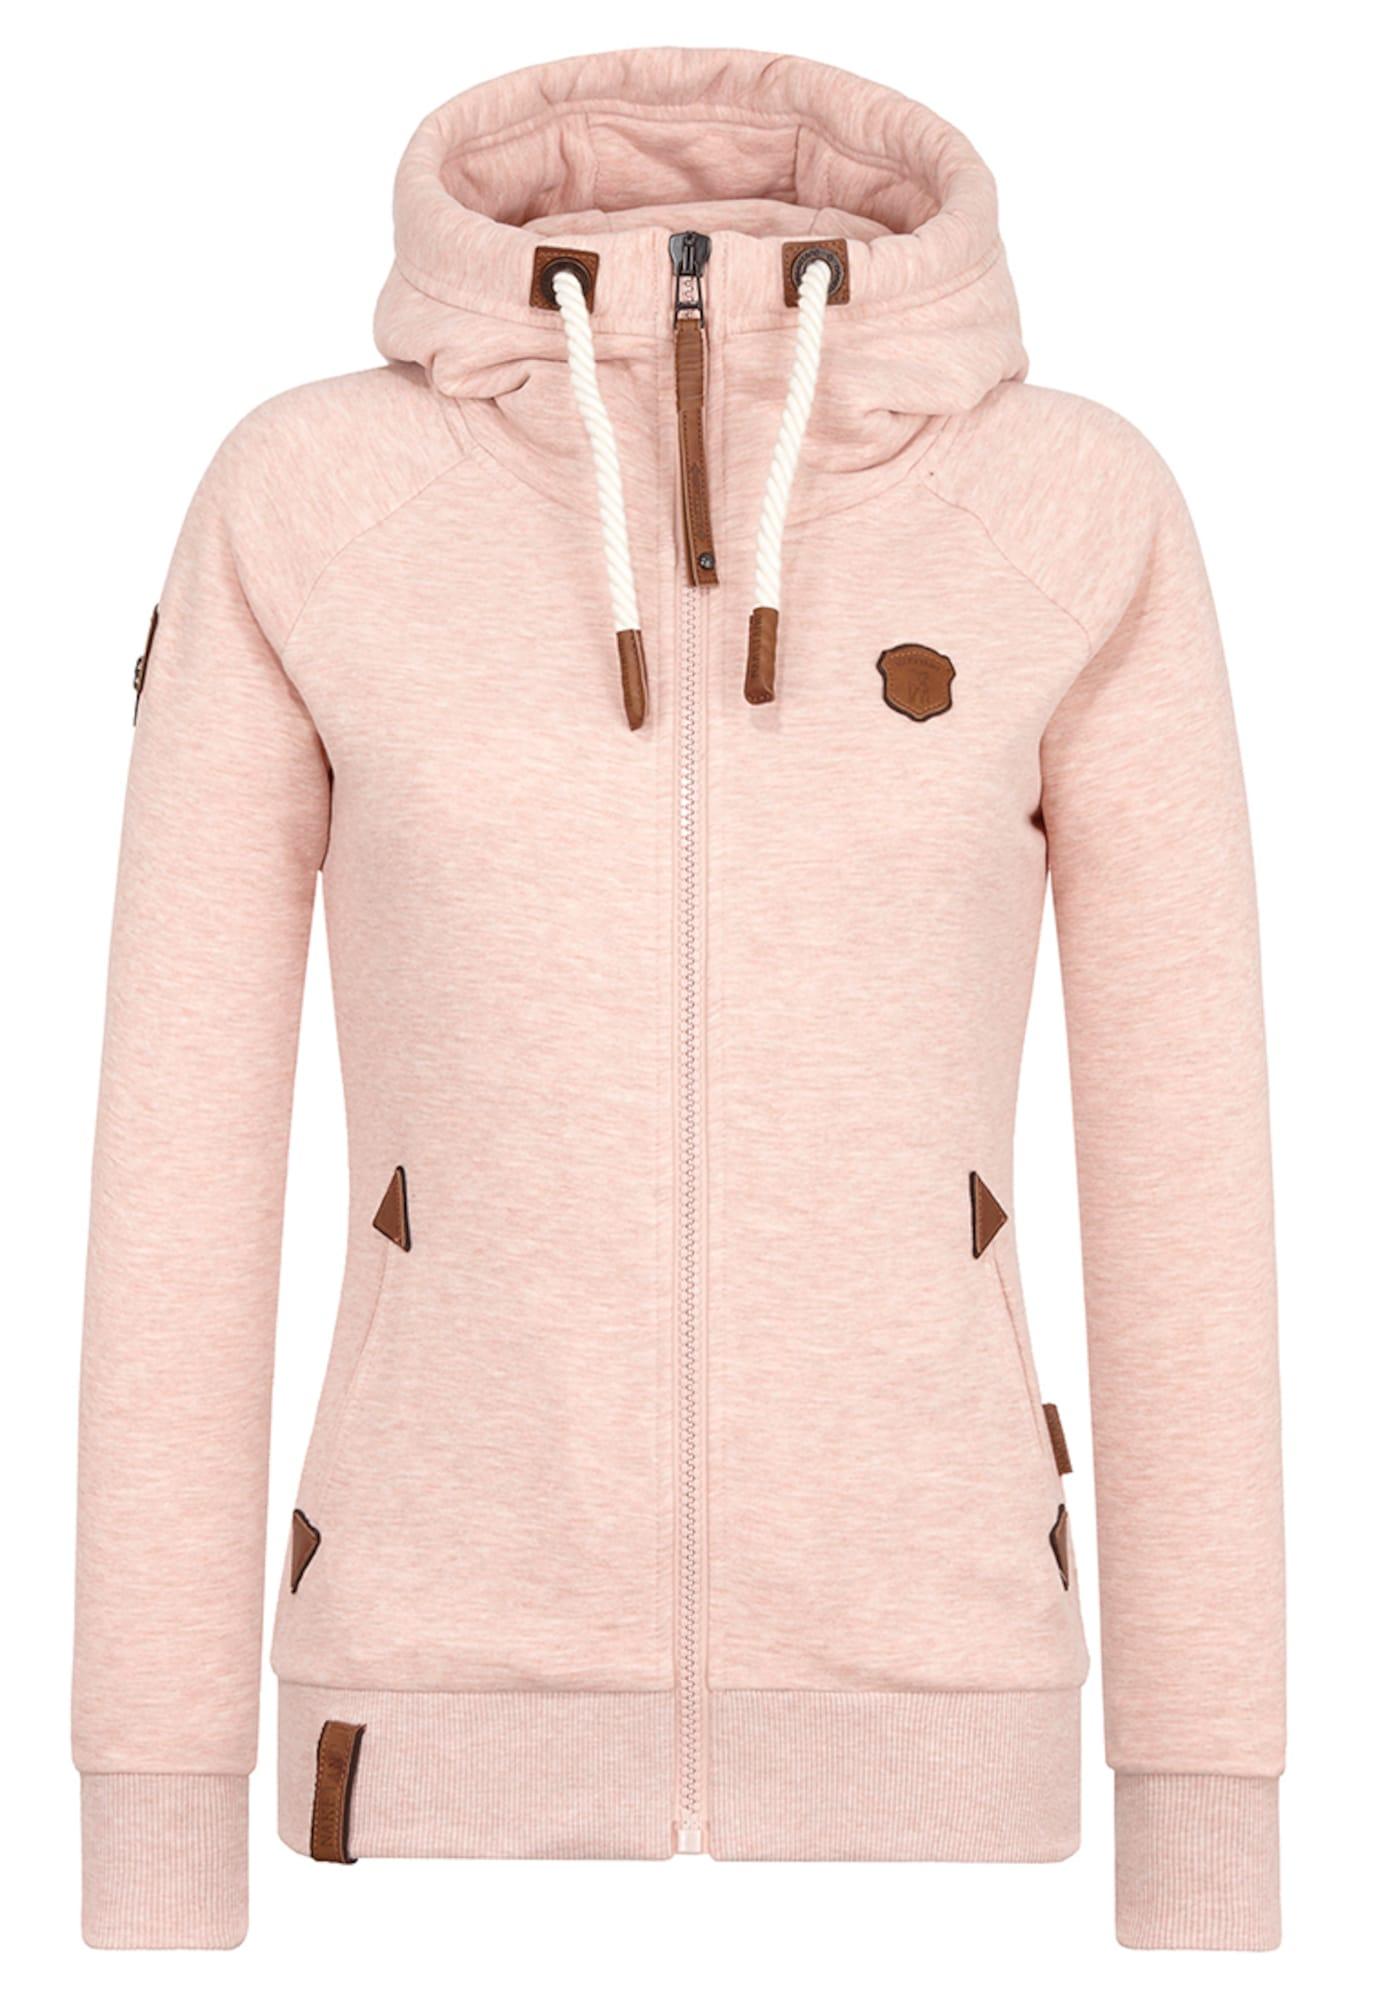 Mikina s kapucí Blonder Engel pastelově růžová Naketano